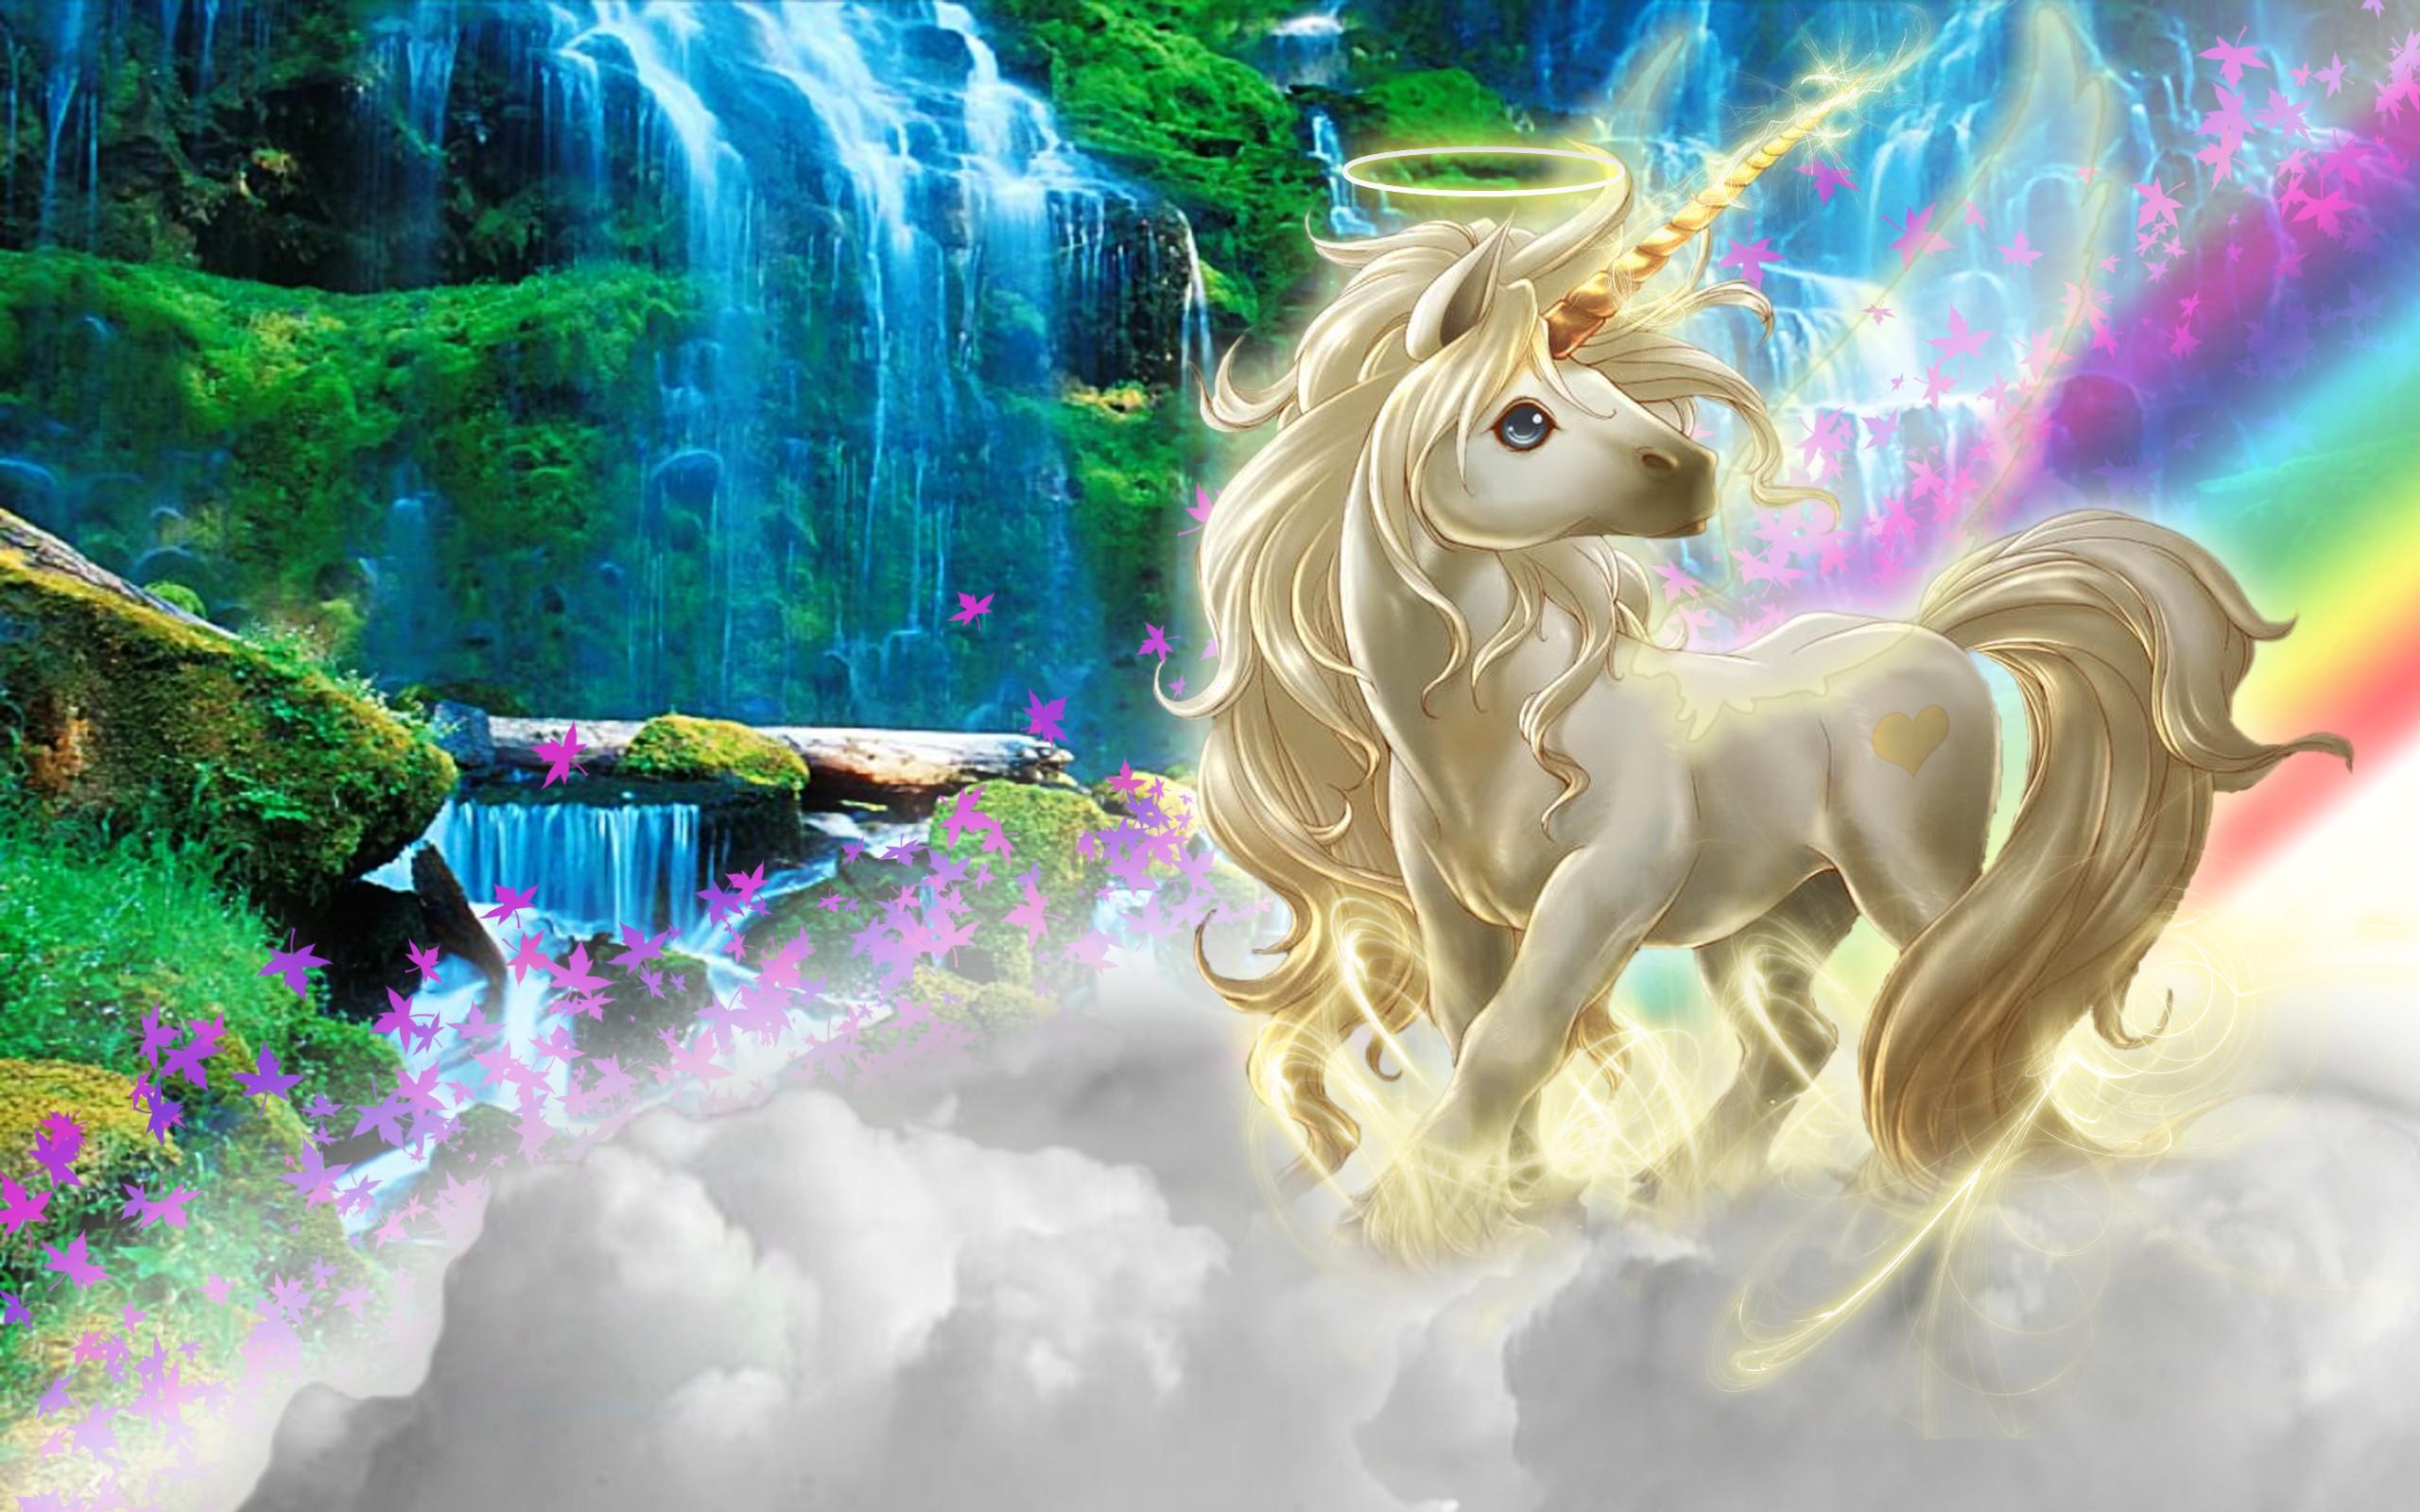 Dibujo de un unicornio - 2560x1600